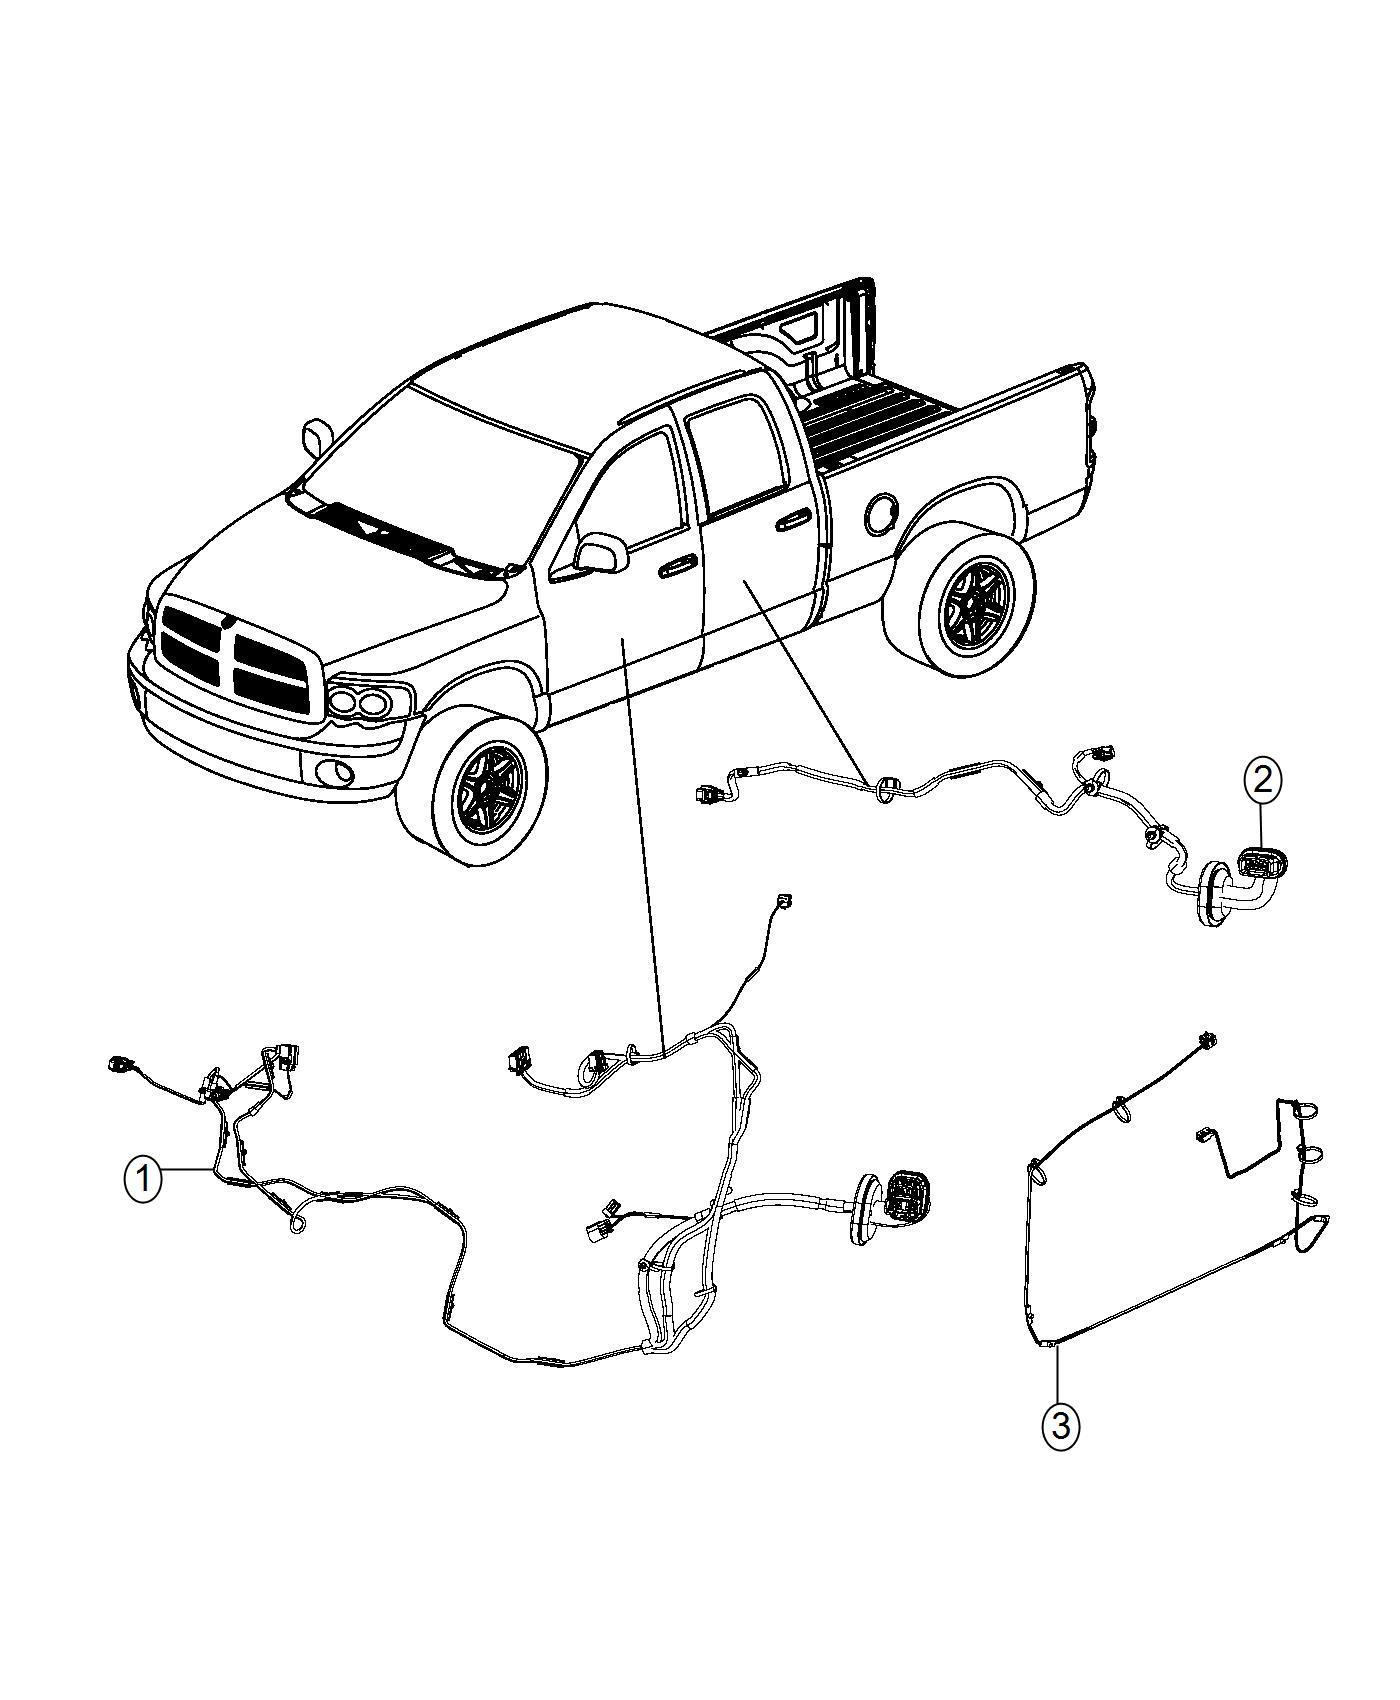 Dodge Ram Remote Start Wiring Diagram